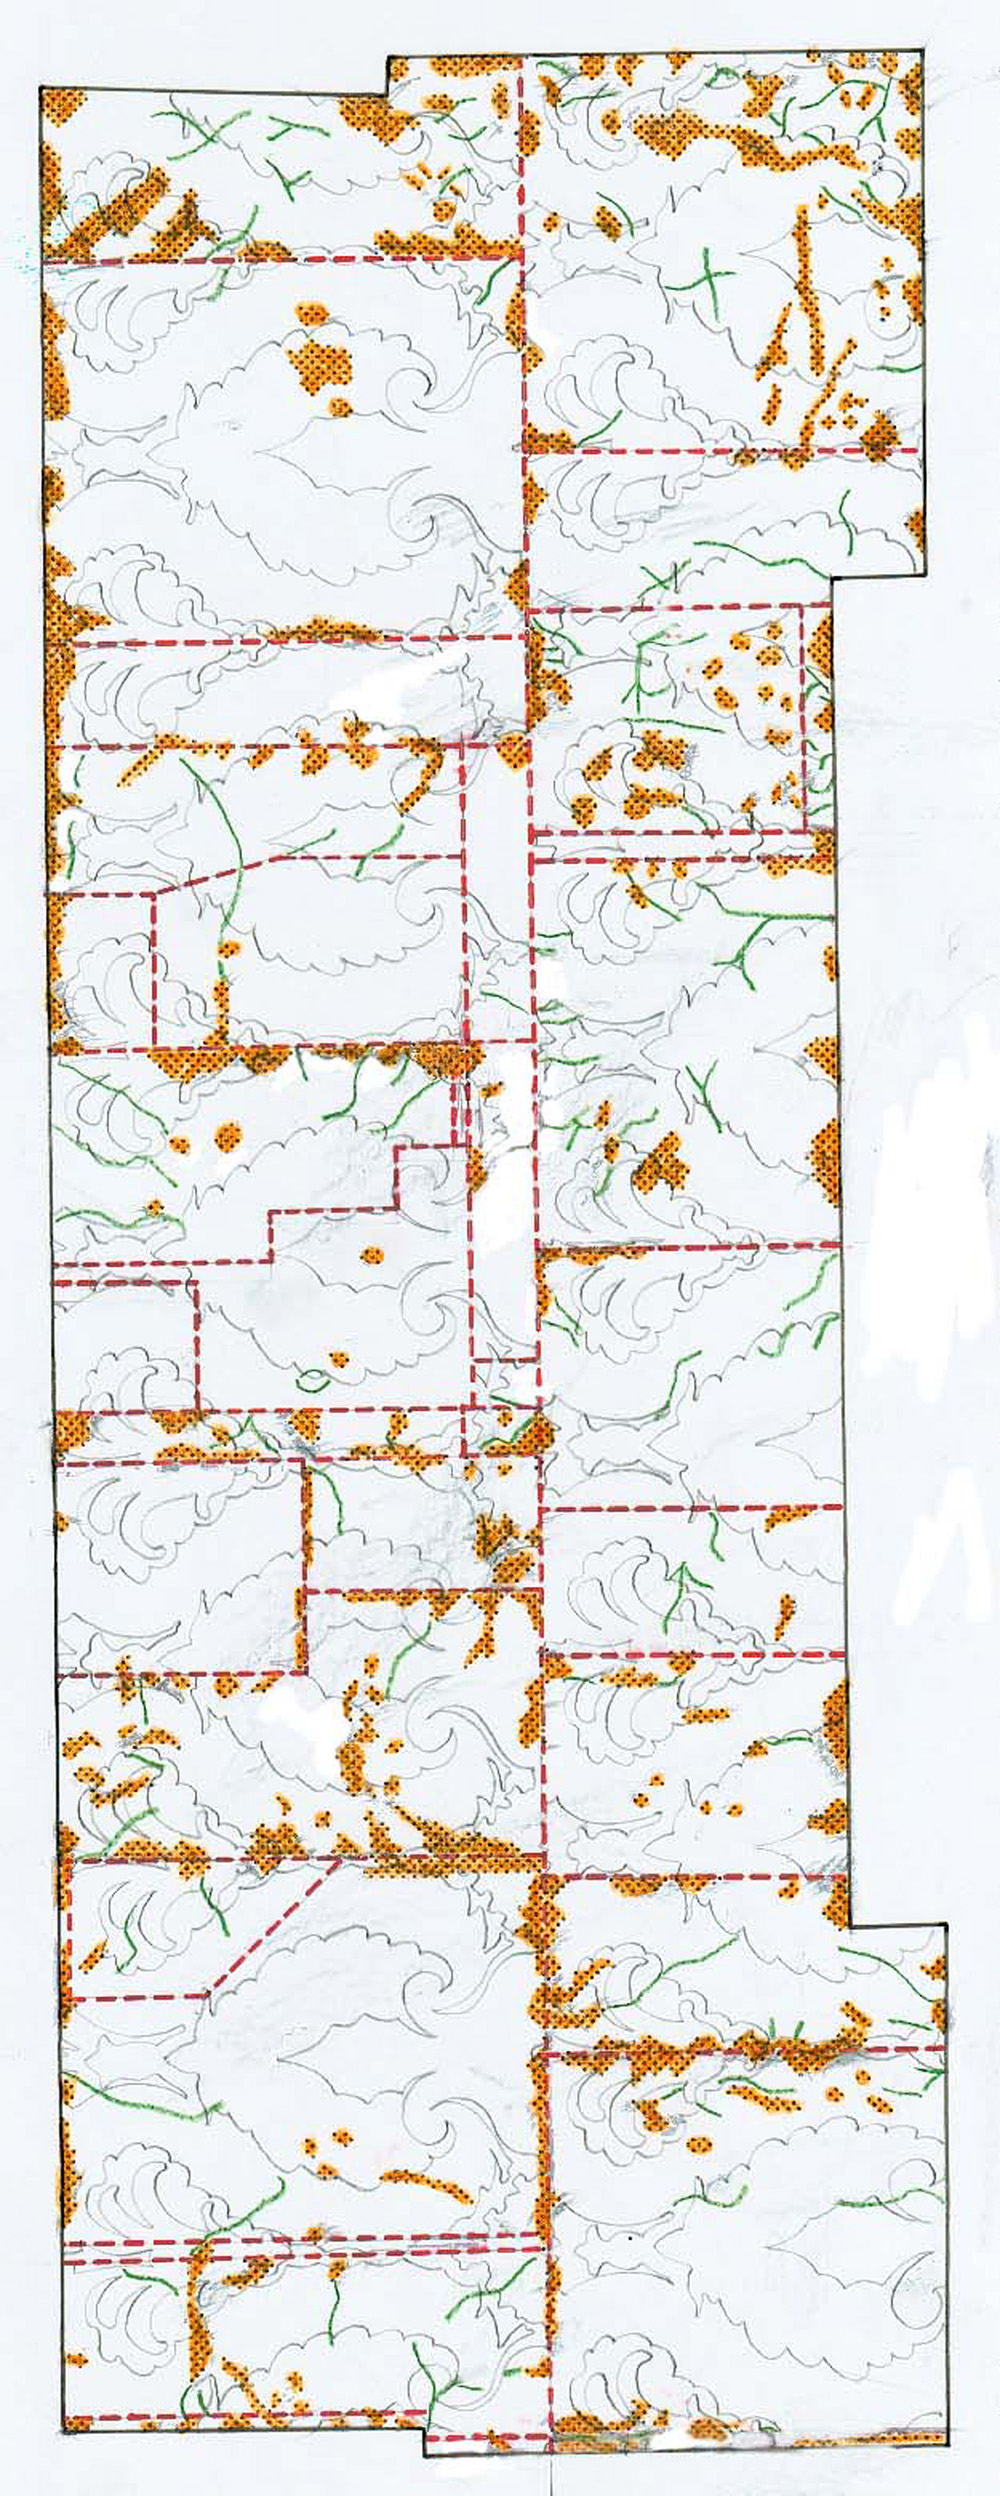 05 Mappatura tematica dello stato conservativo del pannello